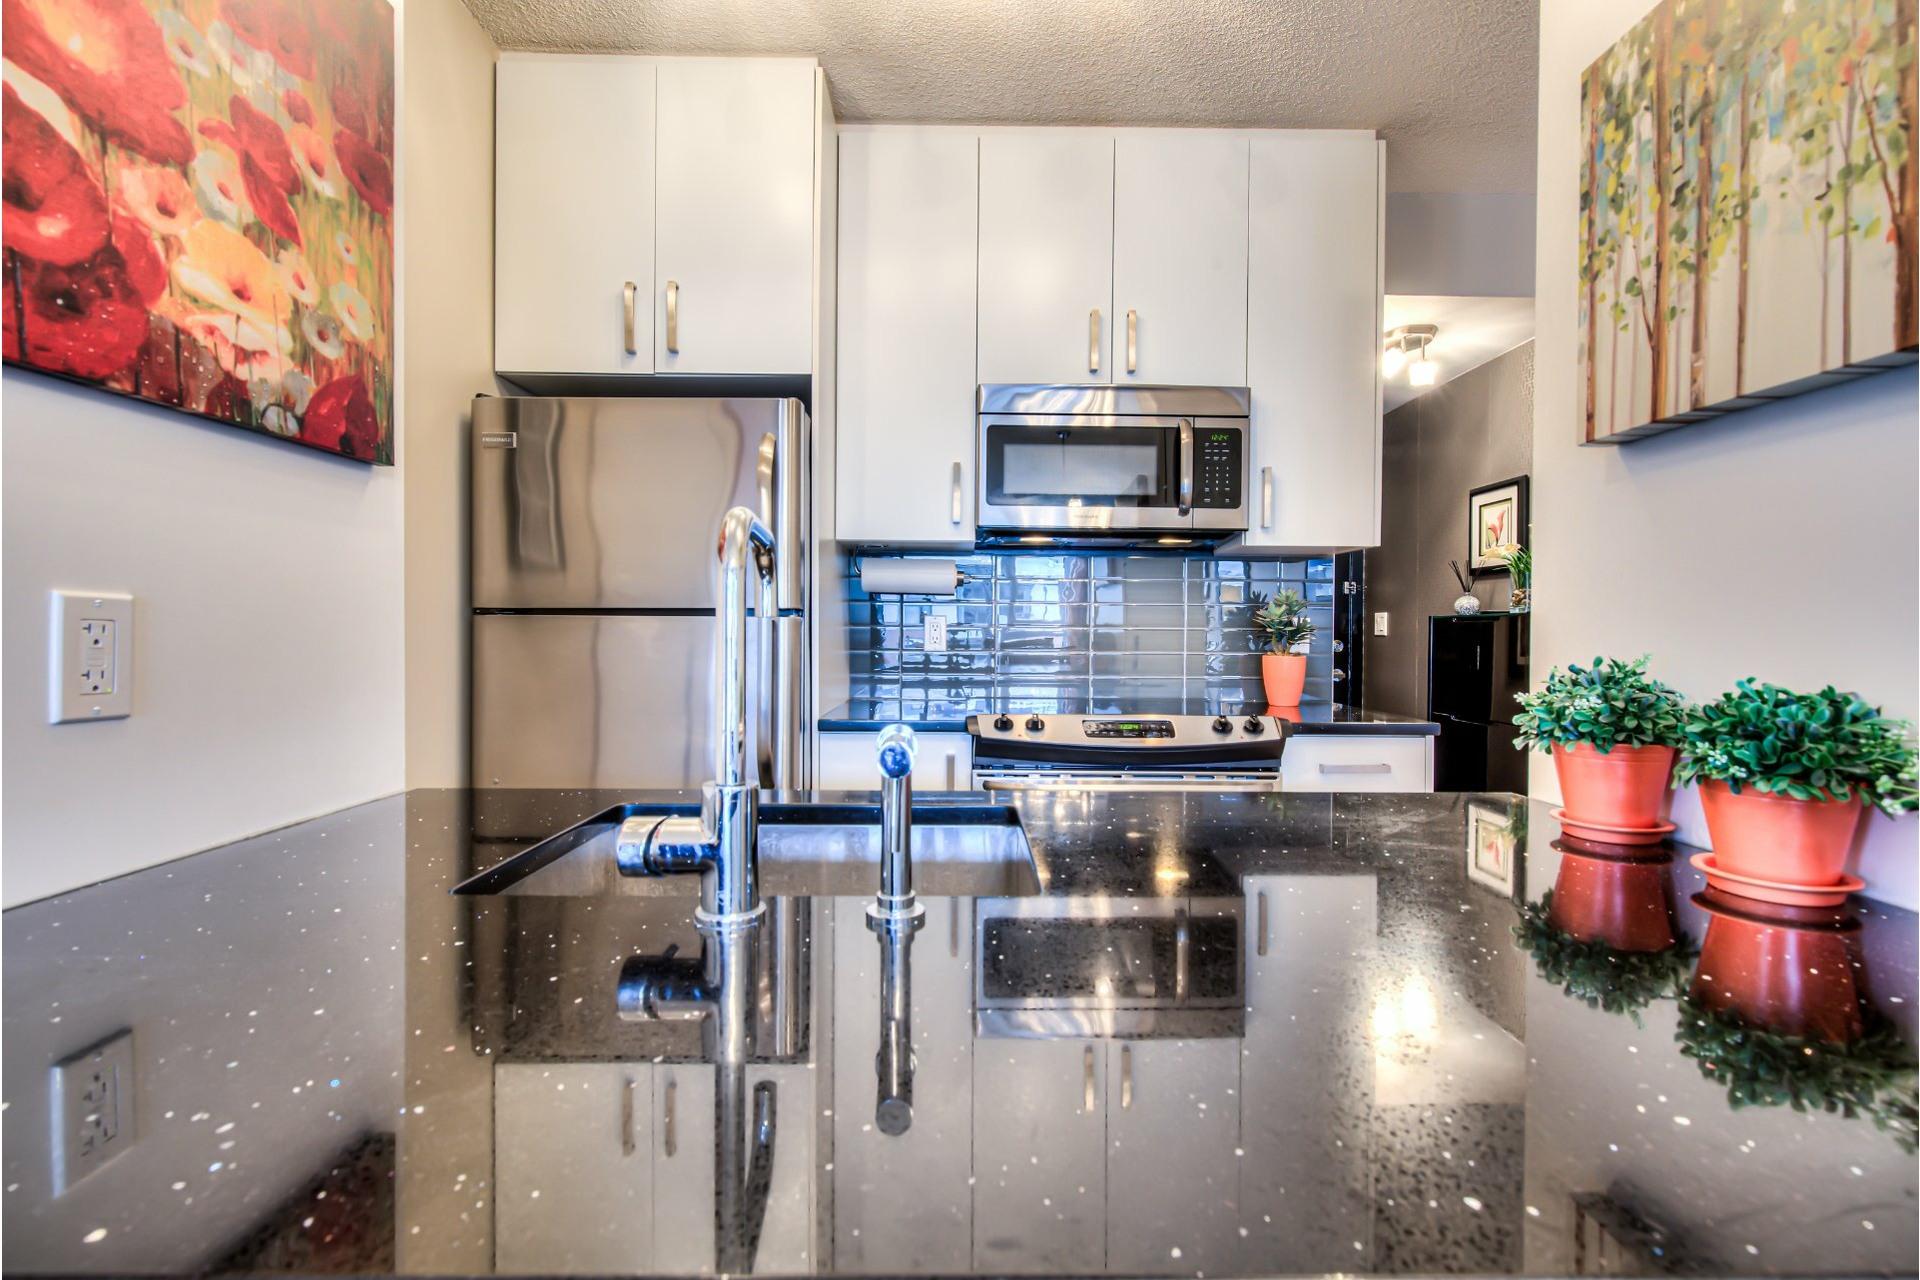 image 7 - Appartement À vendre Ville-Marie Montréal  - 7 pièces